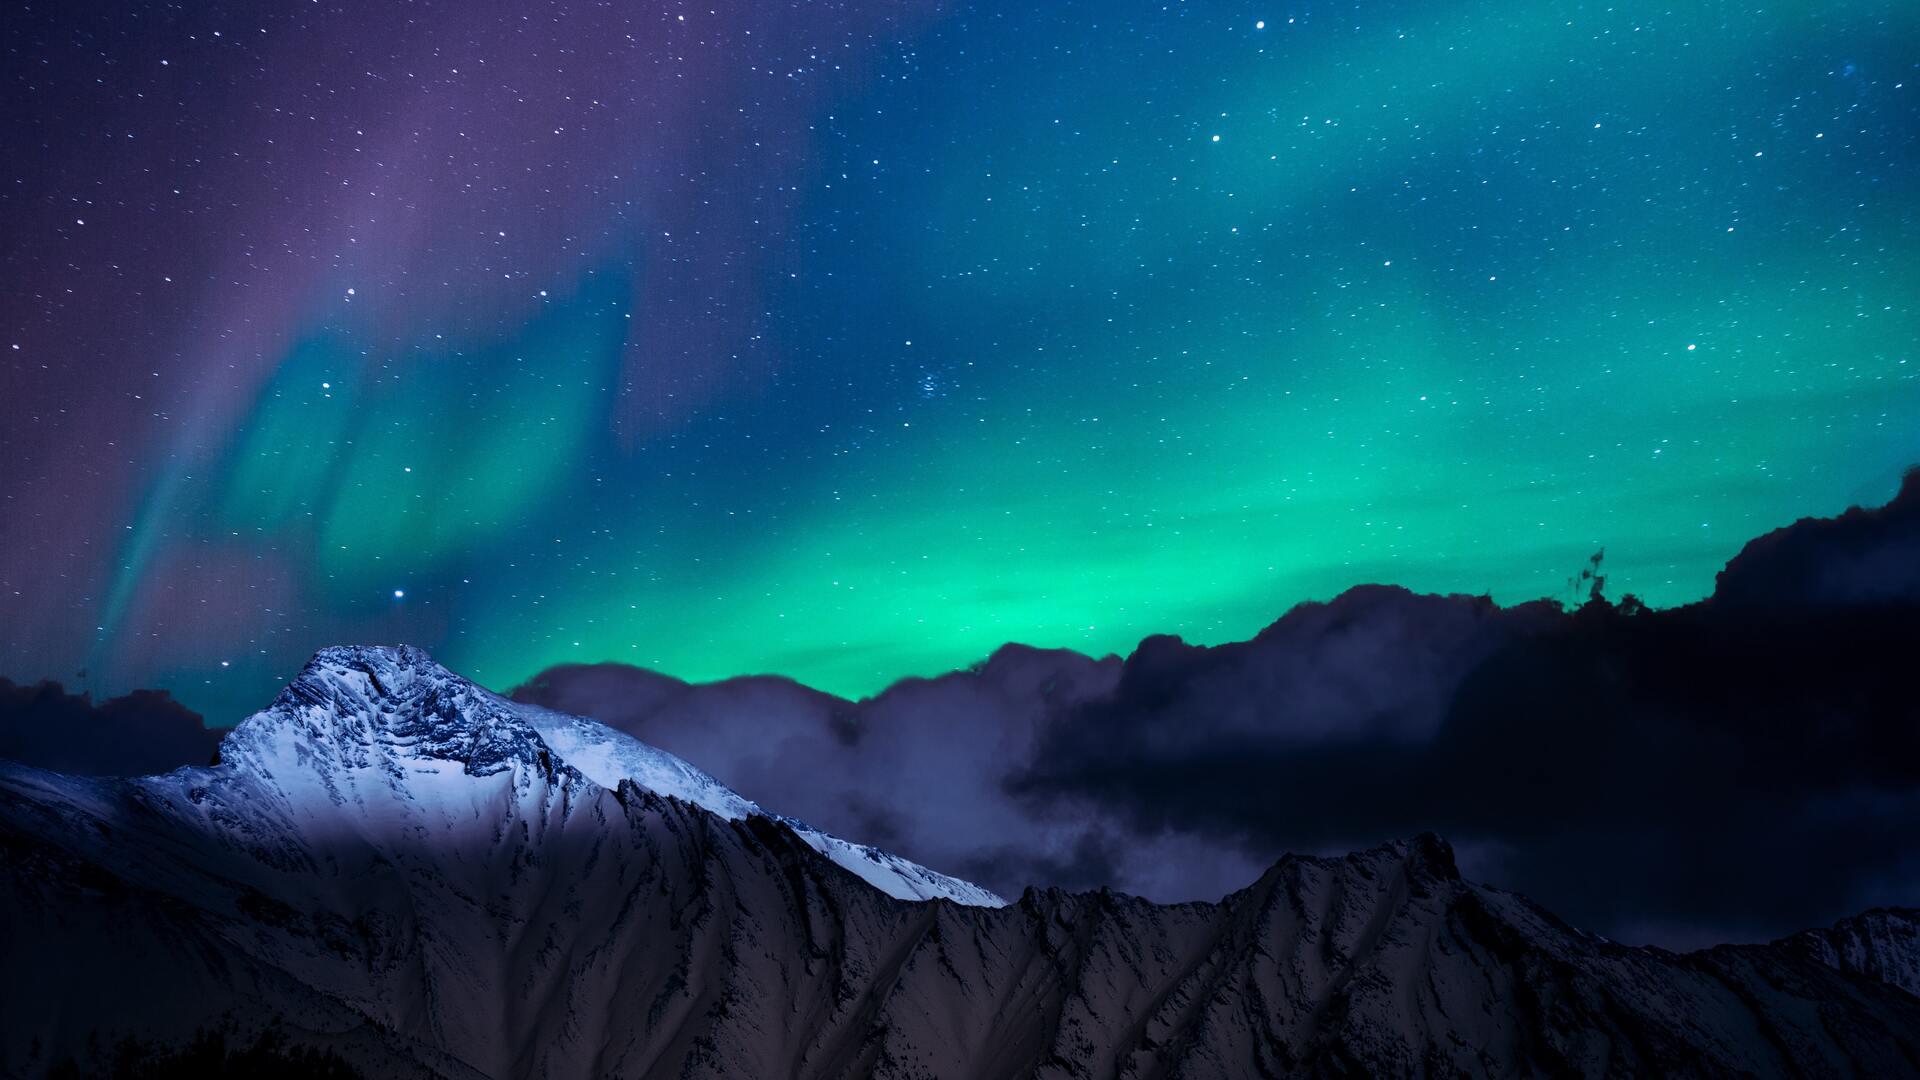 1920x1080 Northern Lights Night Sky Mountains Landscape 4k